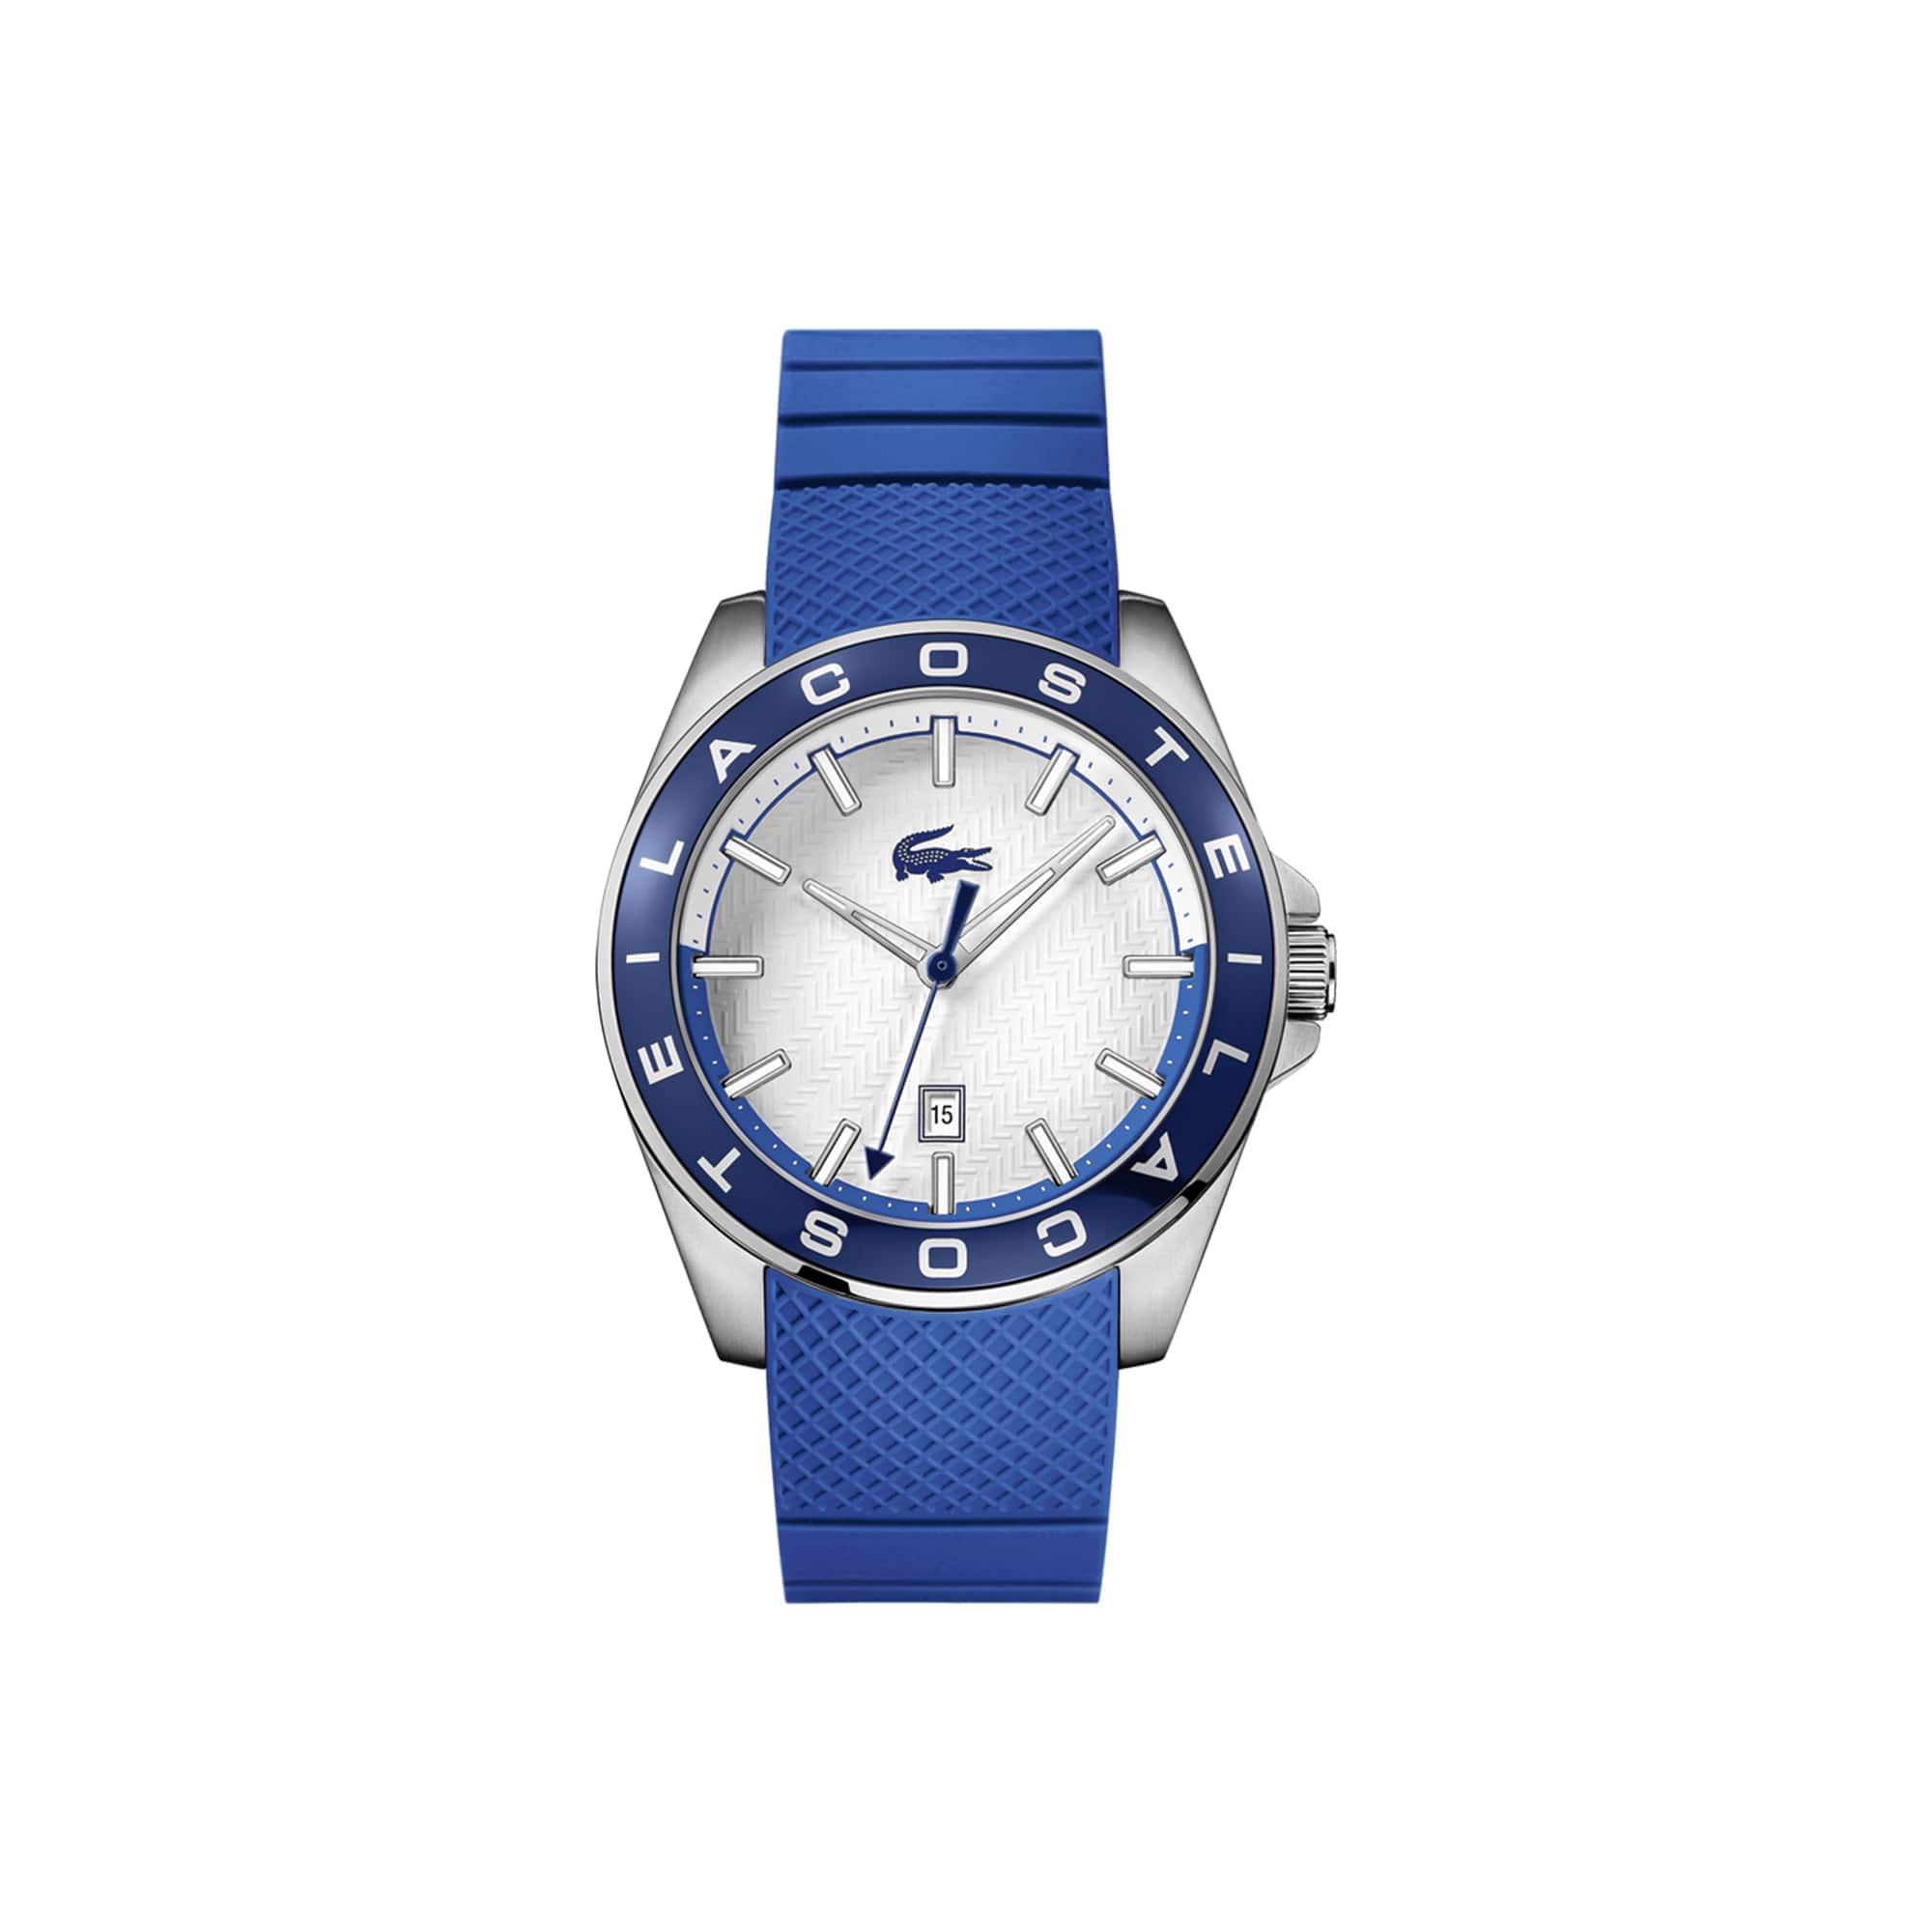 WESTPORT horloge 2 materialen